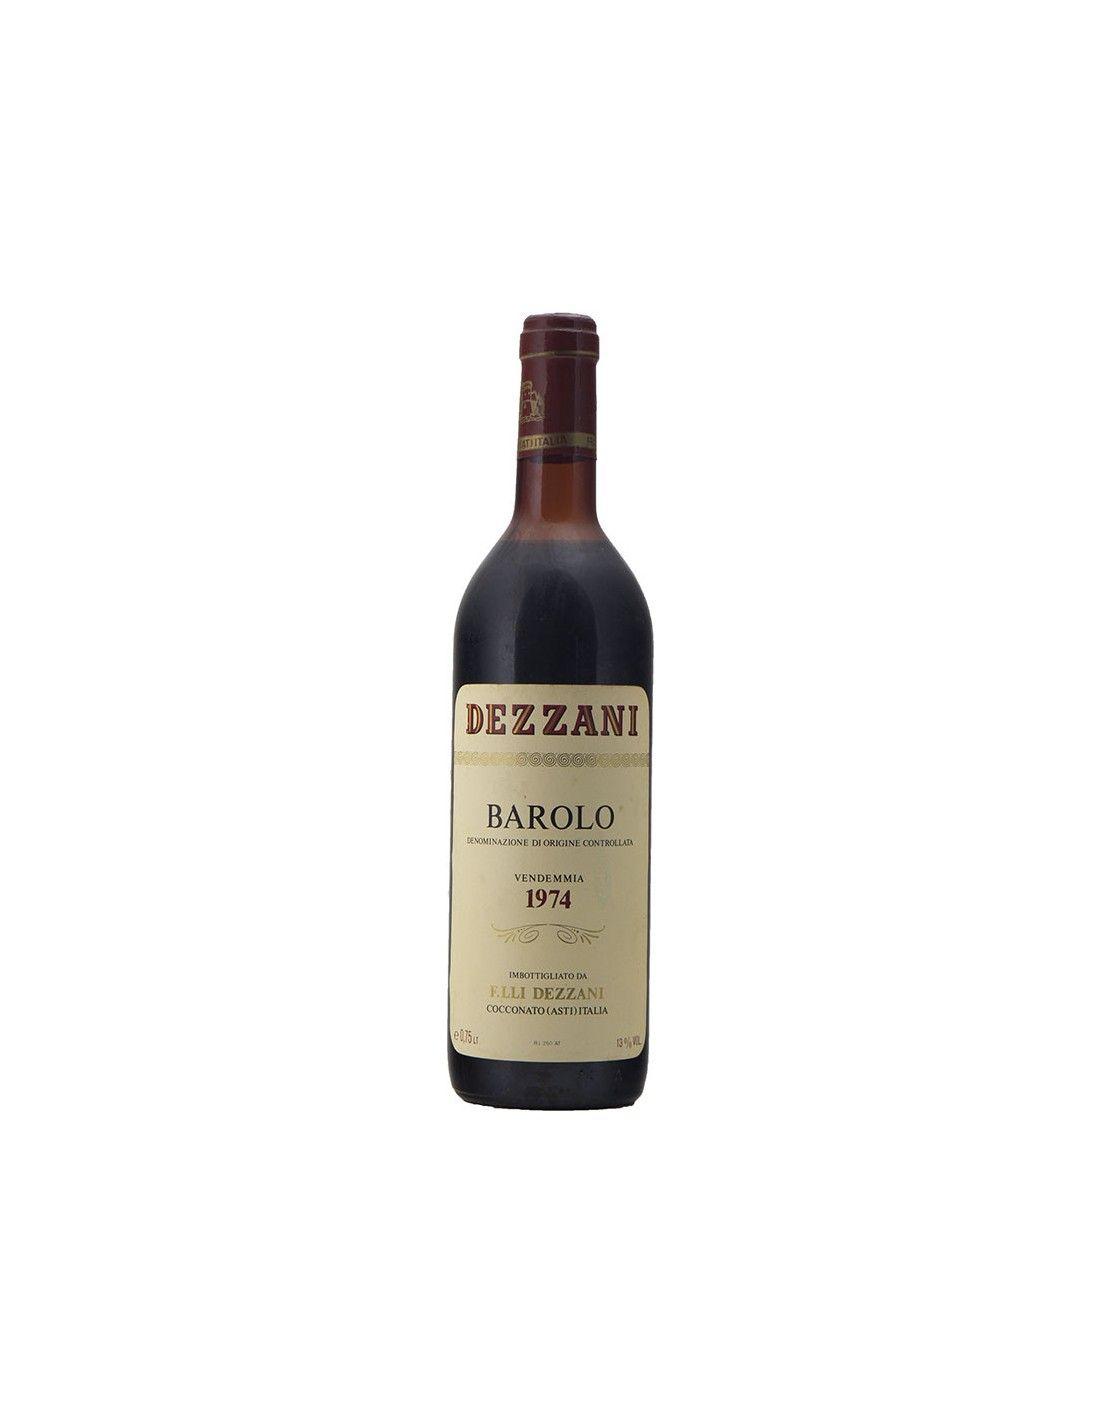 BAROLO 1974 DEZZANI Grandi Bottiglie